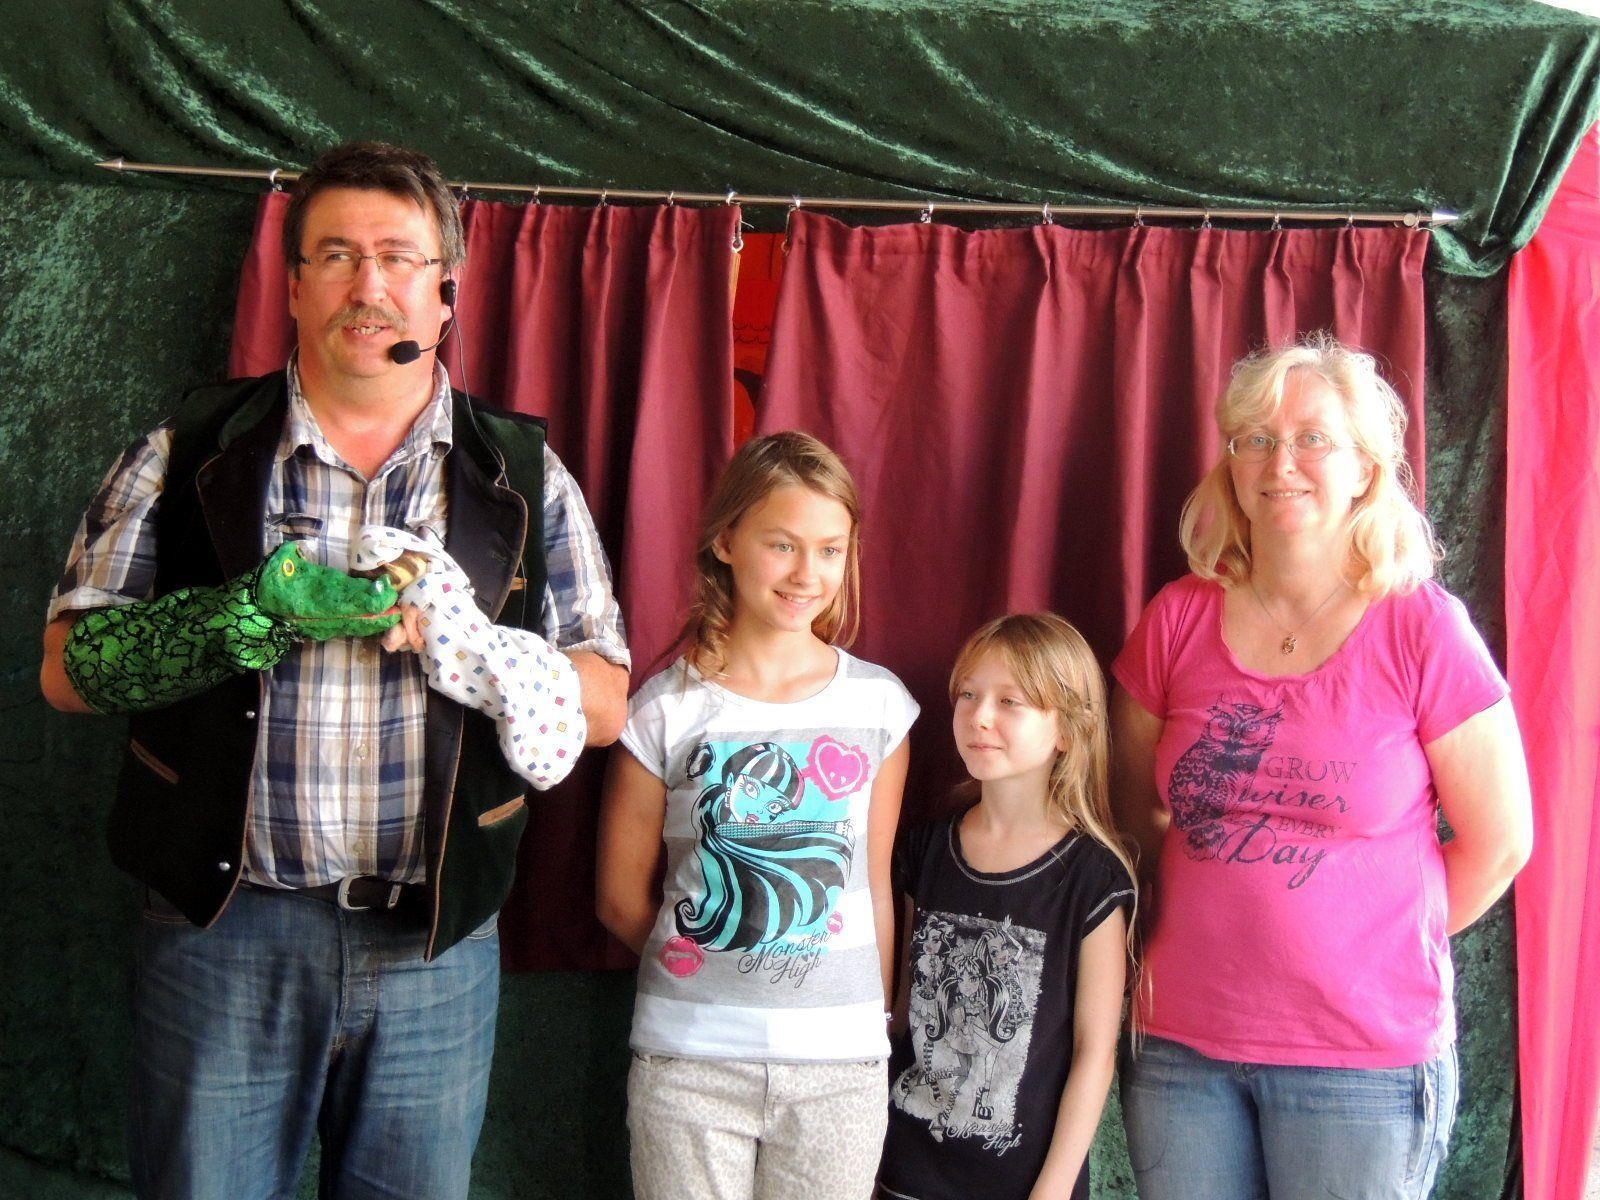 Familie Holubar begeisterte die Kinder und Erwachsenen mit ihrem perfekt einstudierten Kasperltheater